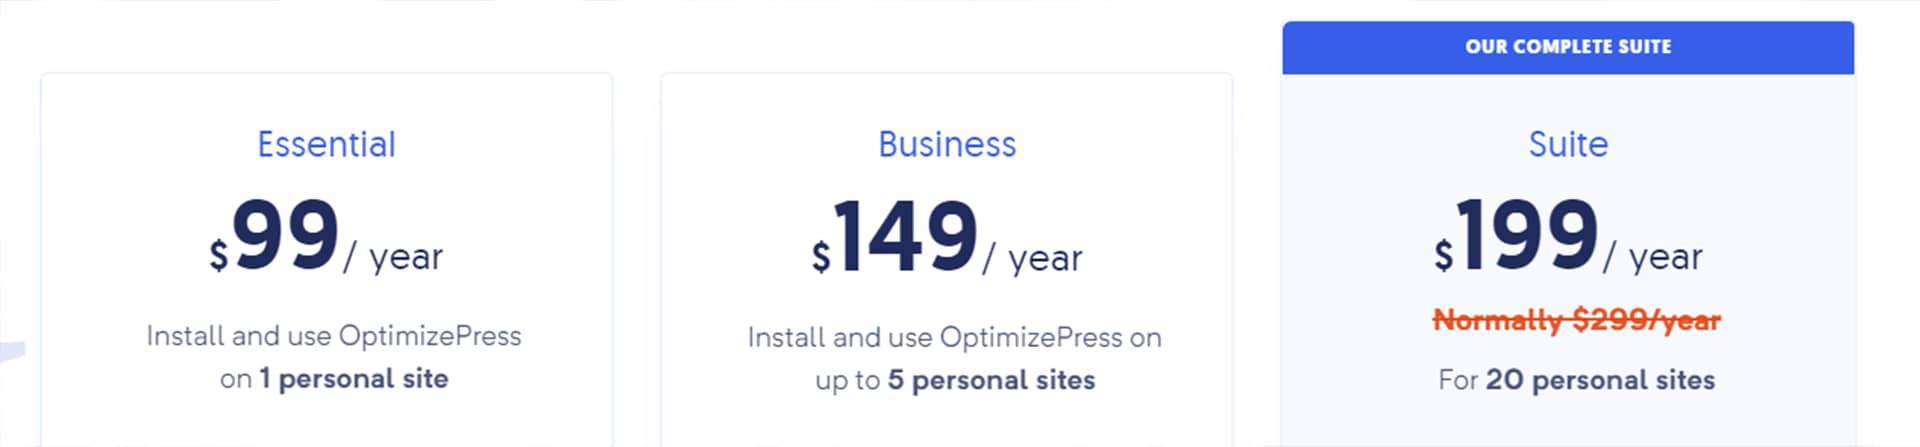 Optimizepress-3.0-Deutsch---Test-&-Erfahrung---der-Ultimative-Ratgeber-2020_2